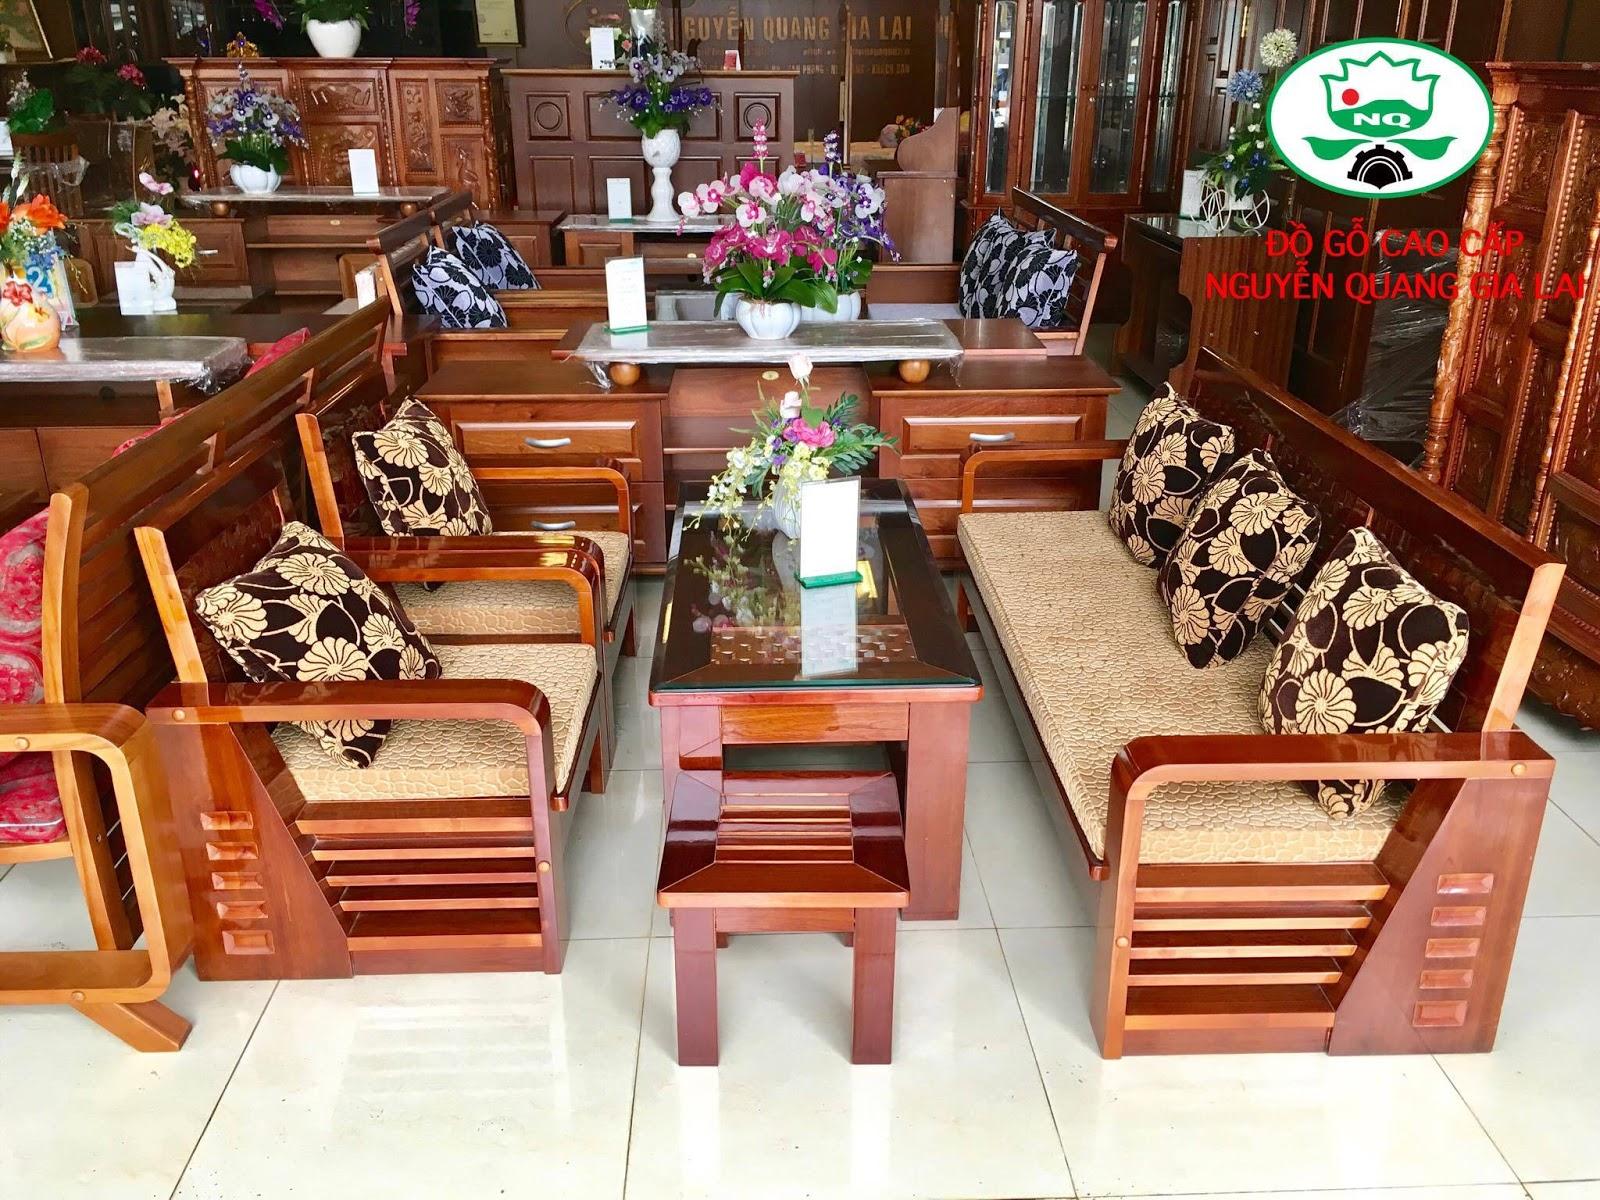 Khát vọng vươn ra biển lớn của thương hiệu Nguyễn Quang Gia Lai